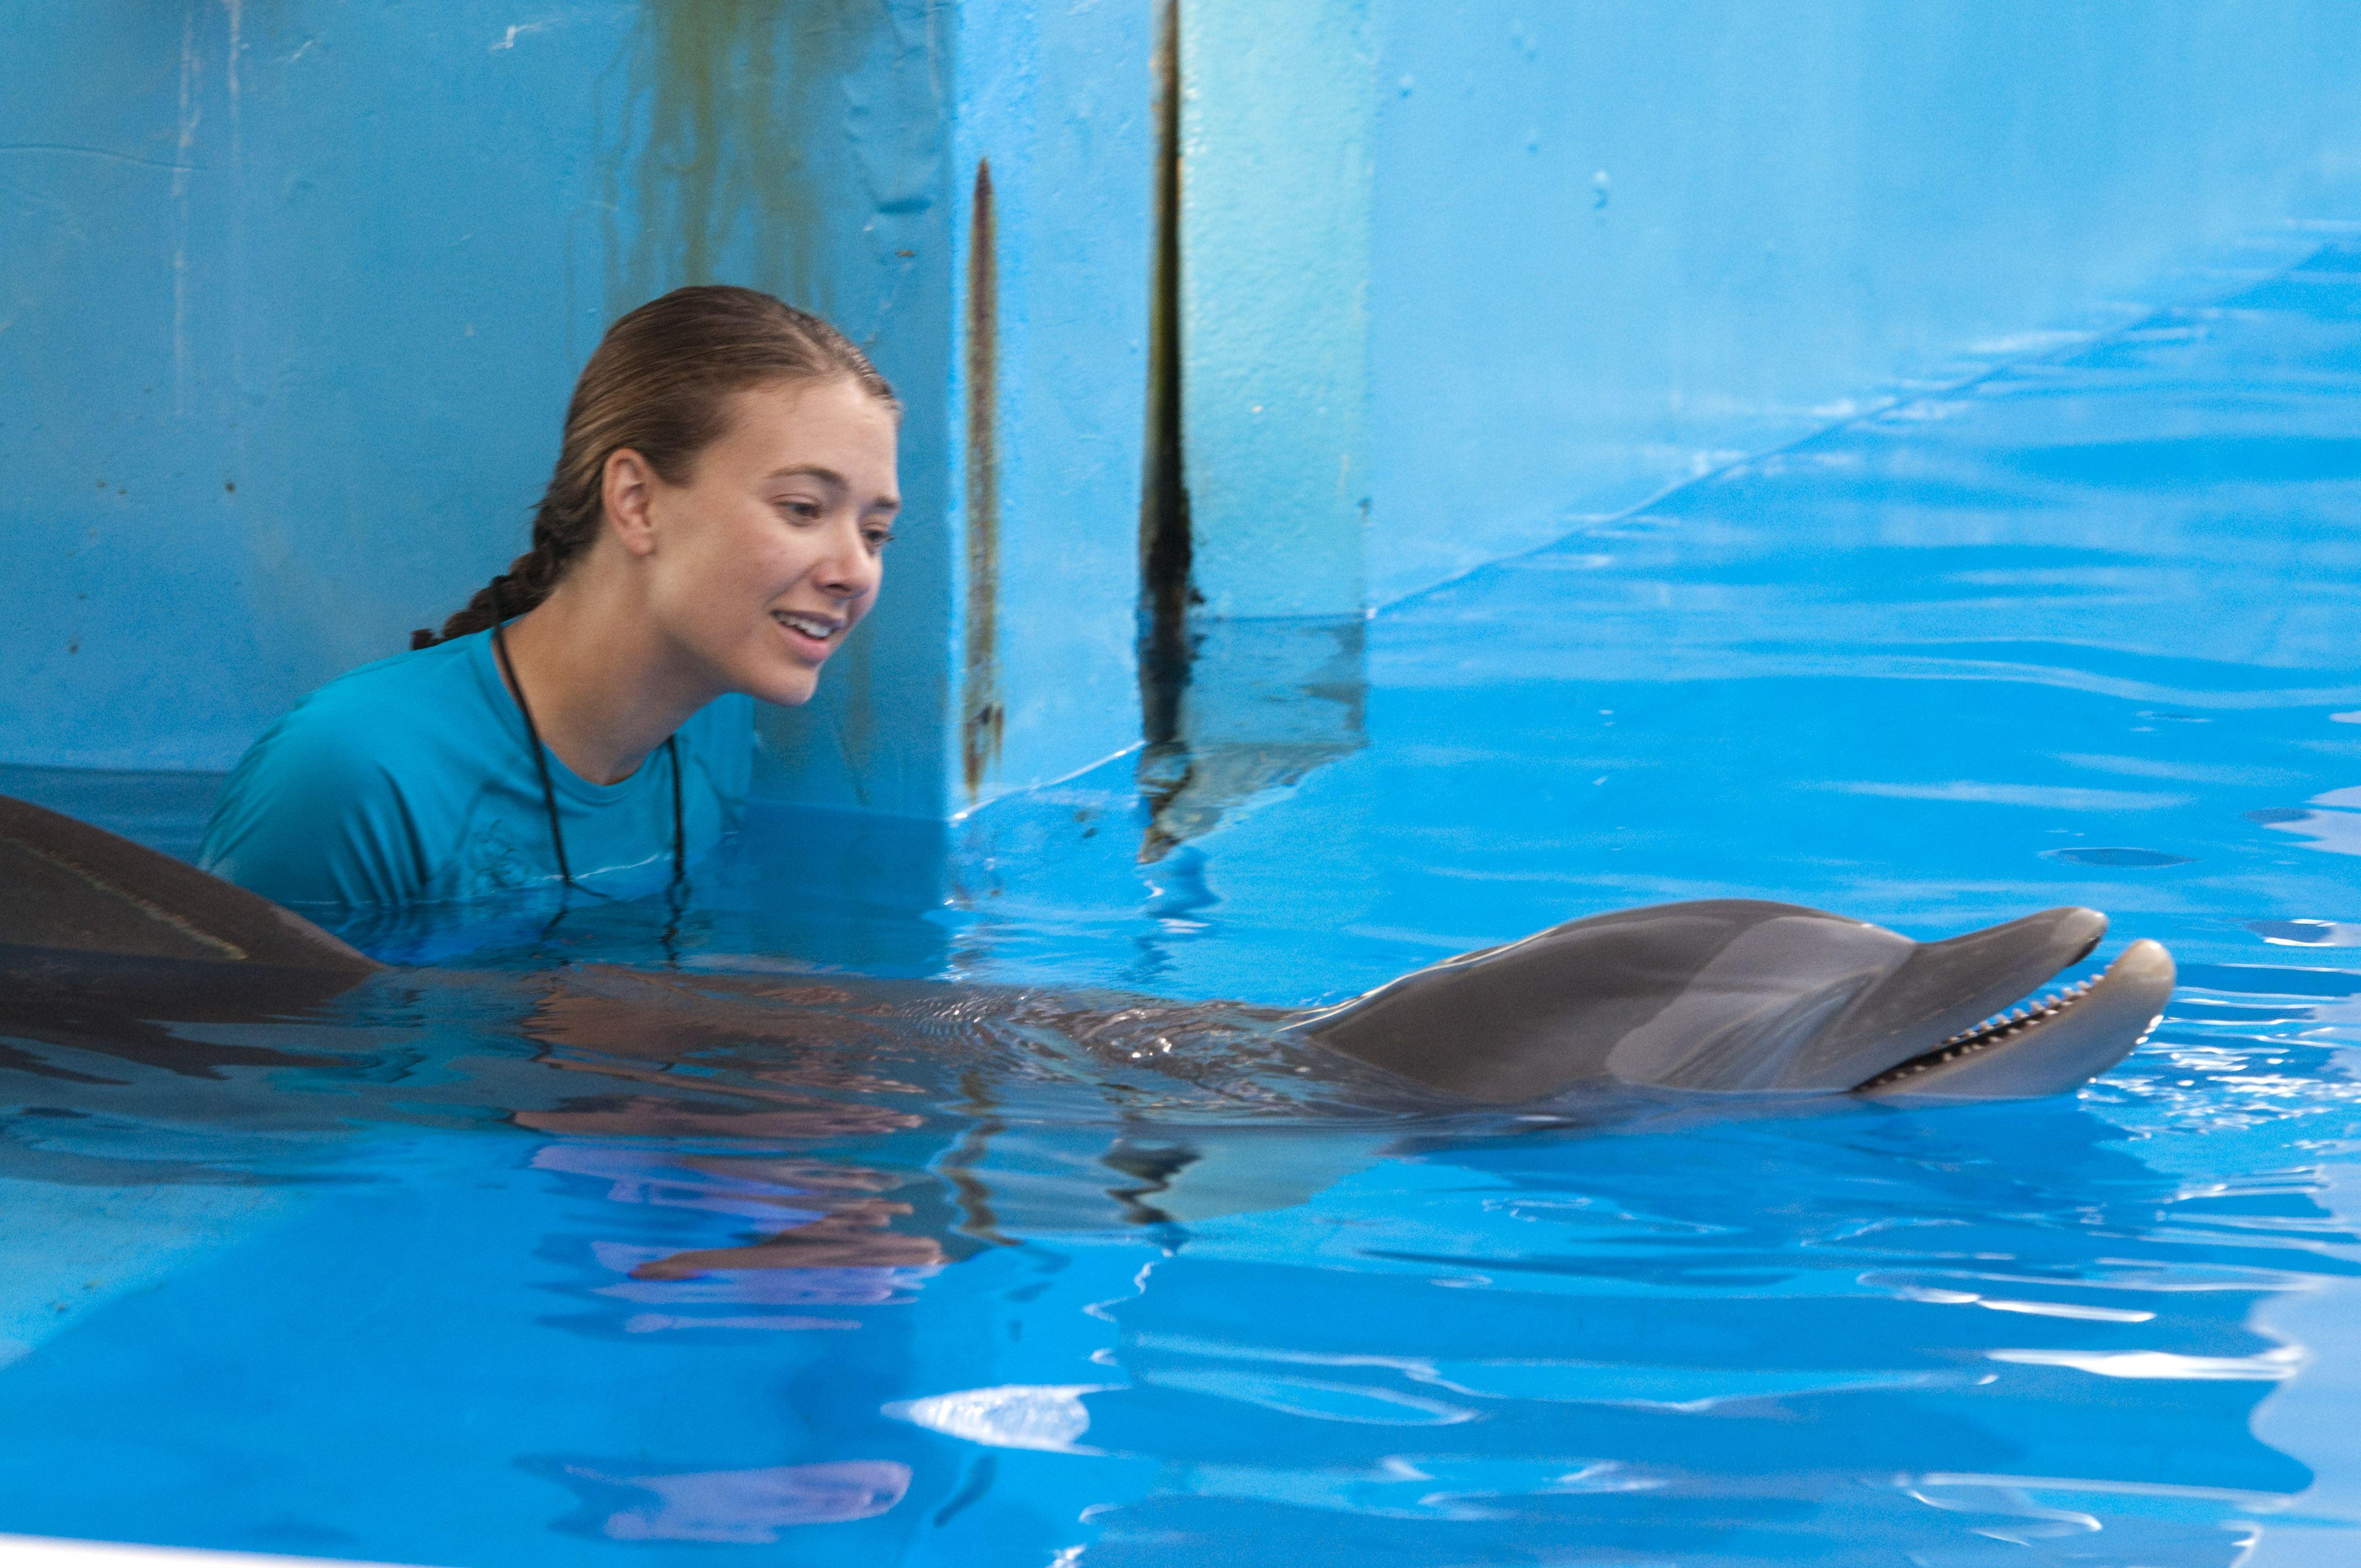 кадры из фильма История дельфина Остин Хайсмит,